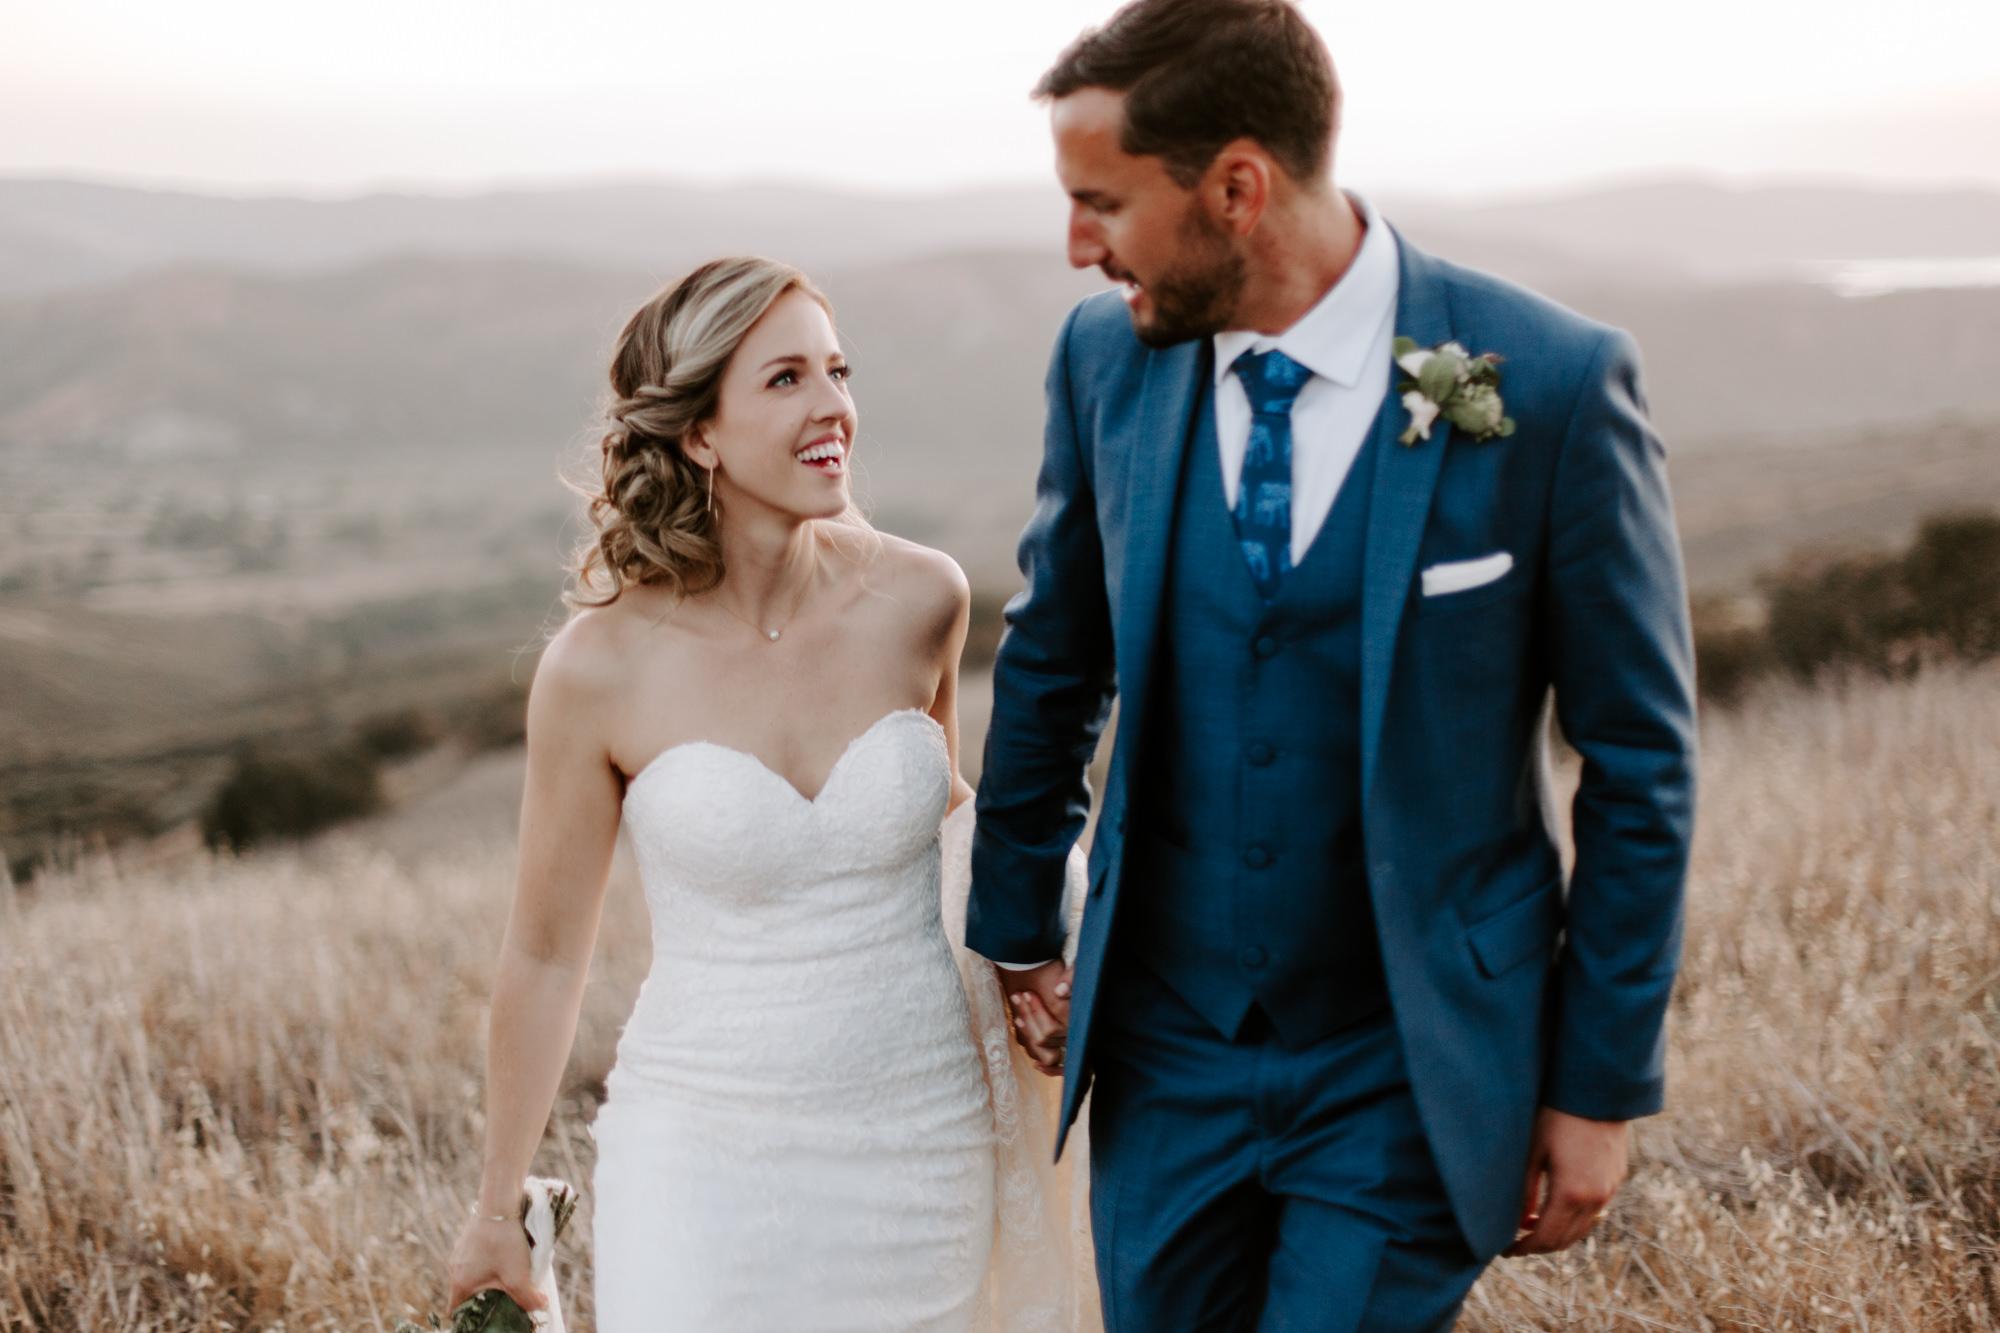 San Diego Wedding photography in Silverado Backyard Wedding069.jpg